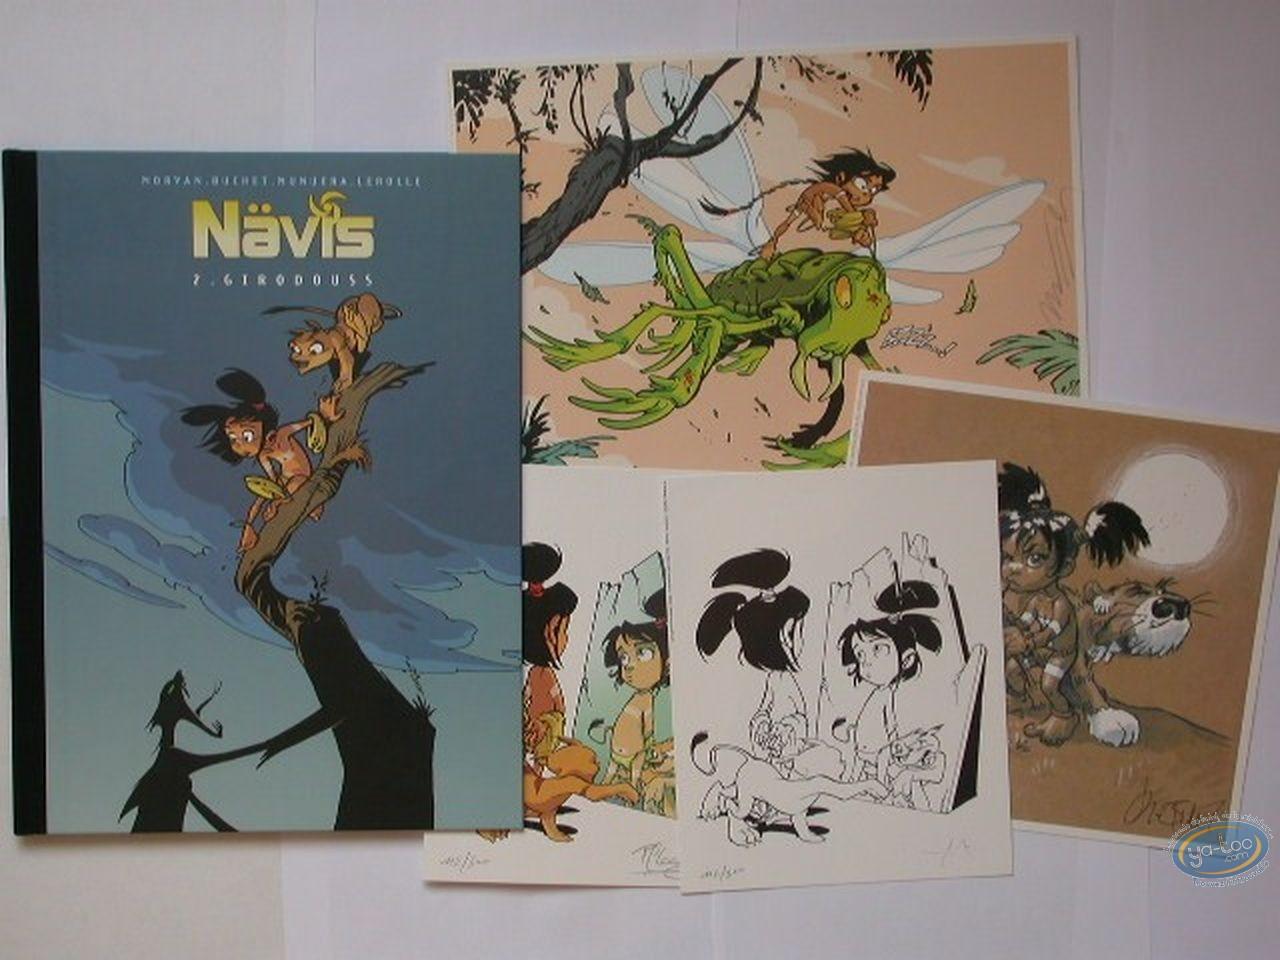 BD prix mini, Navis : Girodouss